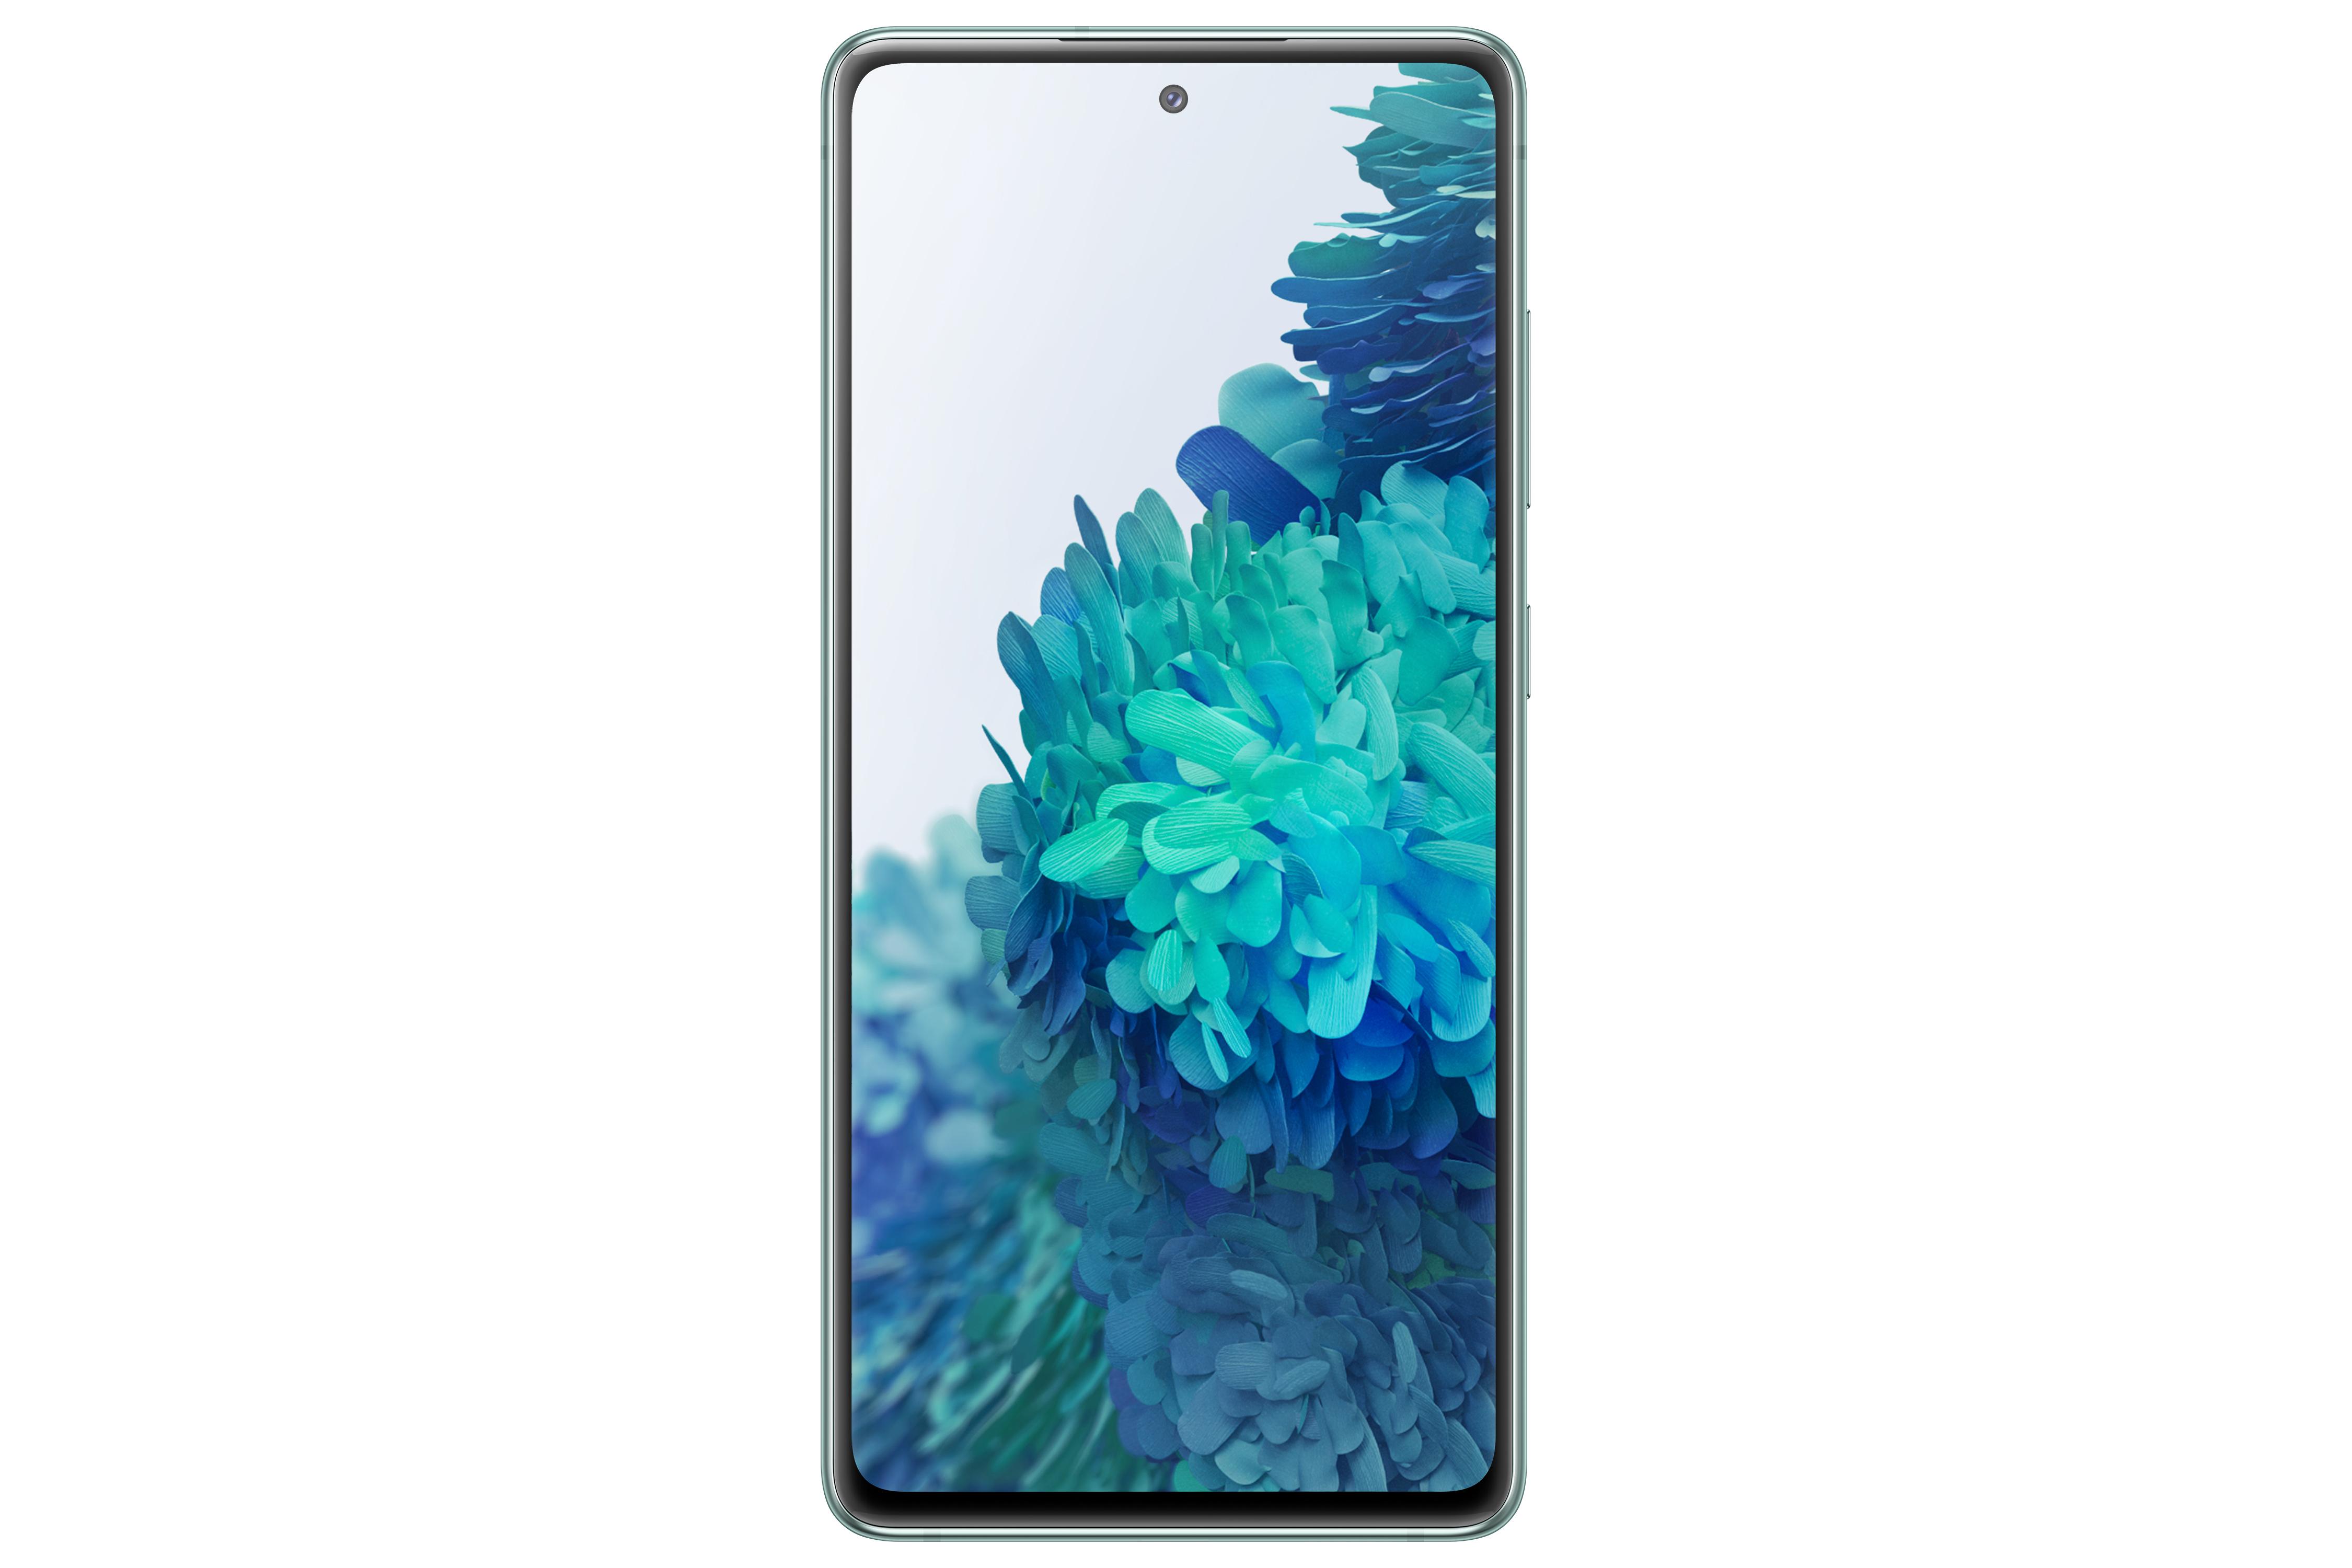 Kaufberatung: Lohnende Topsmartphones zwischen 400 und 900 Euro - Das Galaxy S20 FE von Samsung (Bild: Samsung)